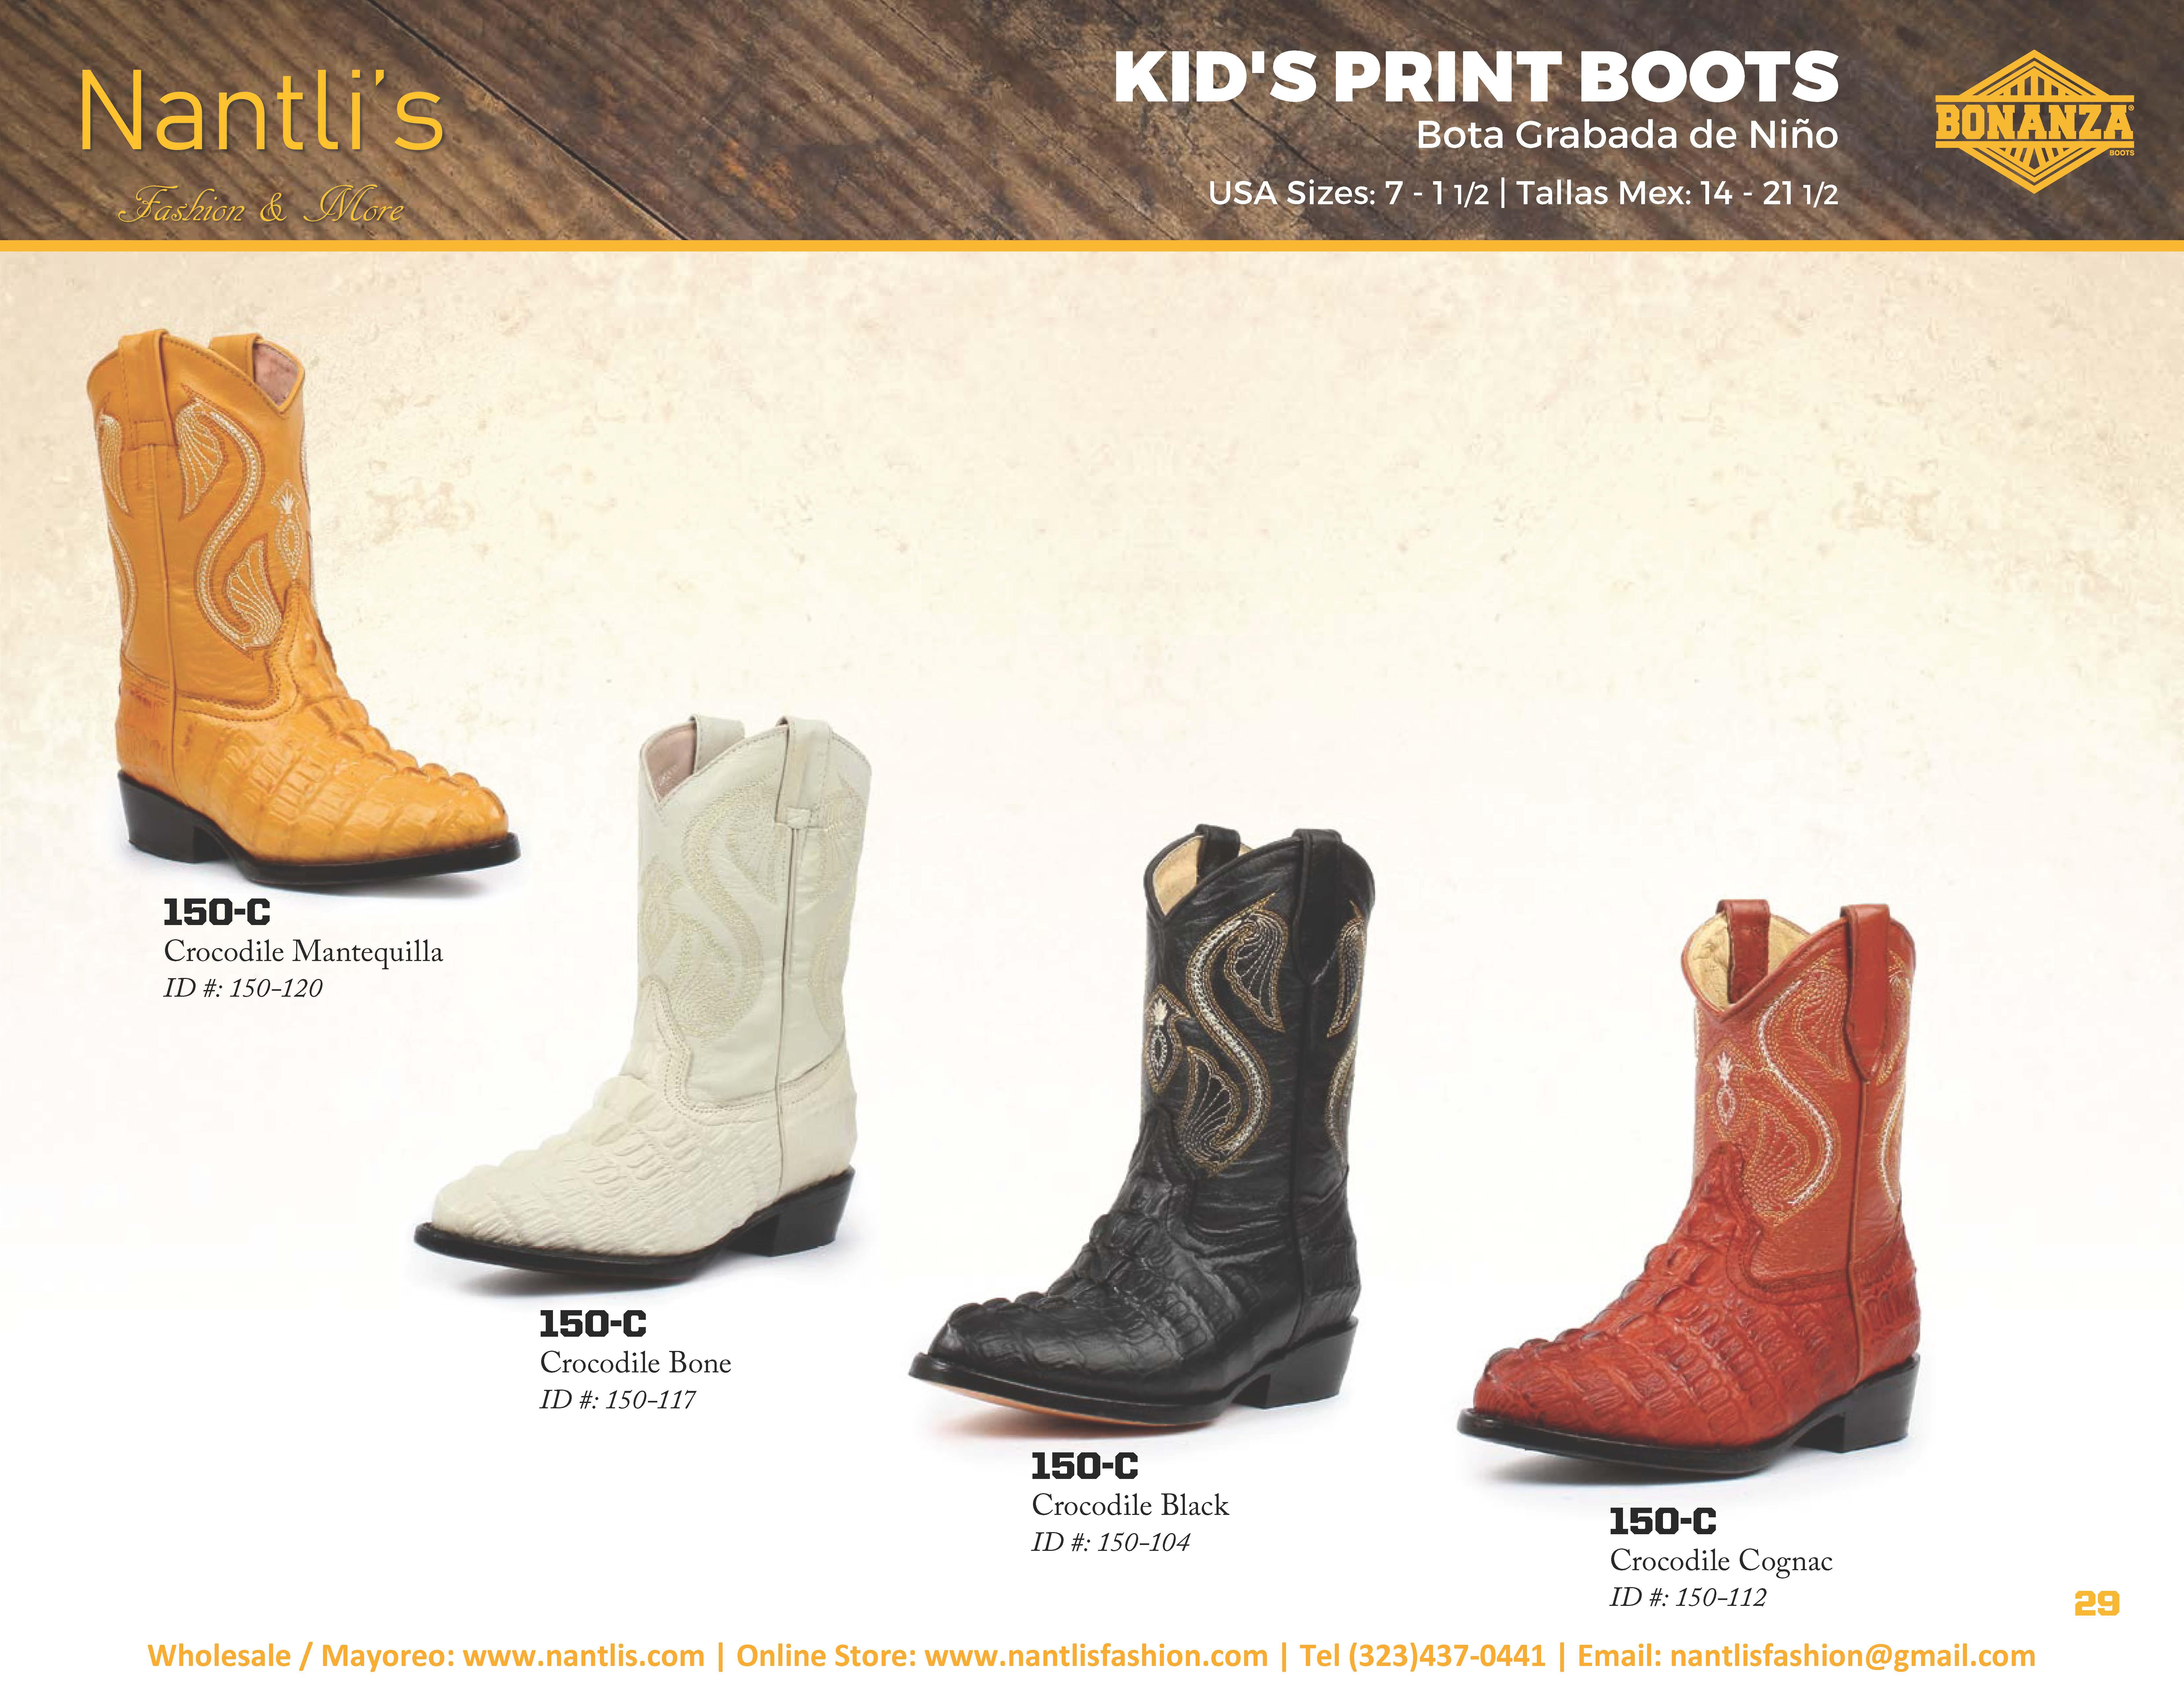 43f3ace1ec Nantlis-Bonanza vol 4 catalog botas vaqueras mayoreo Wholesale western  boots Page 29